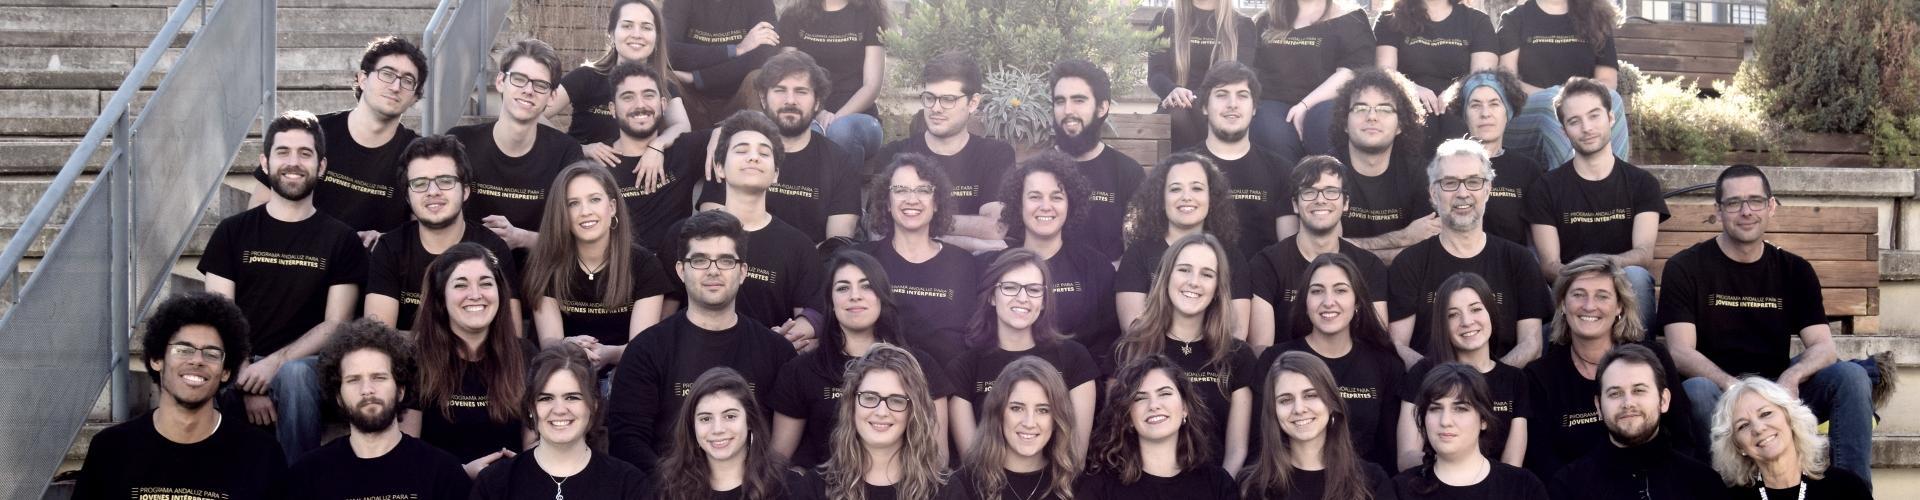 El Joven Coro de Andalucía en el encuentro de Enero de 2017 @Foto: Olga Cordero